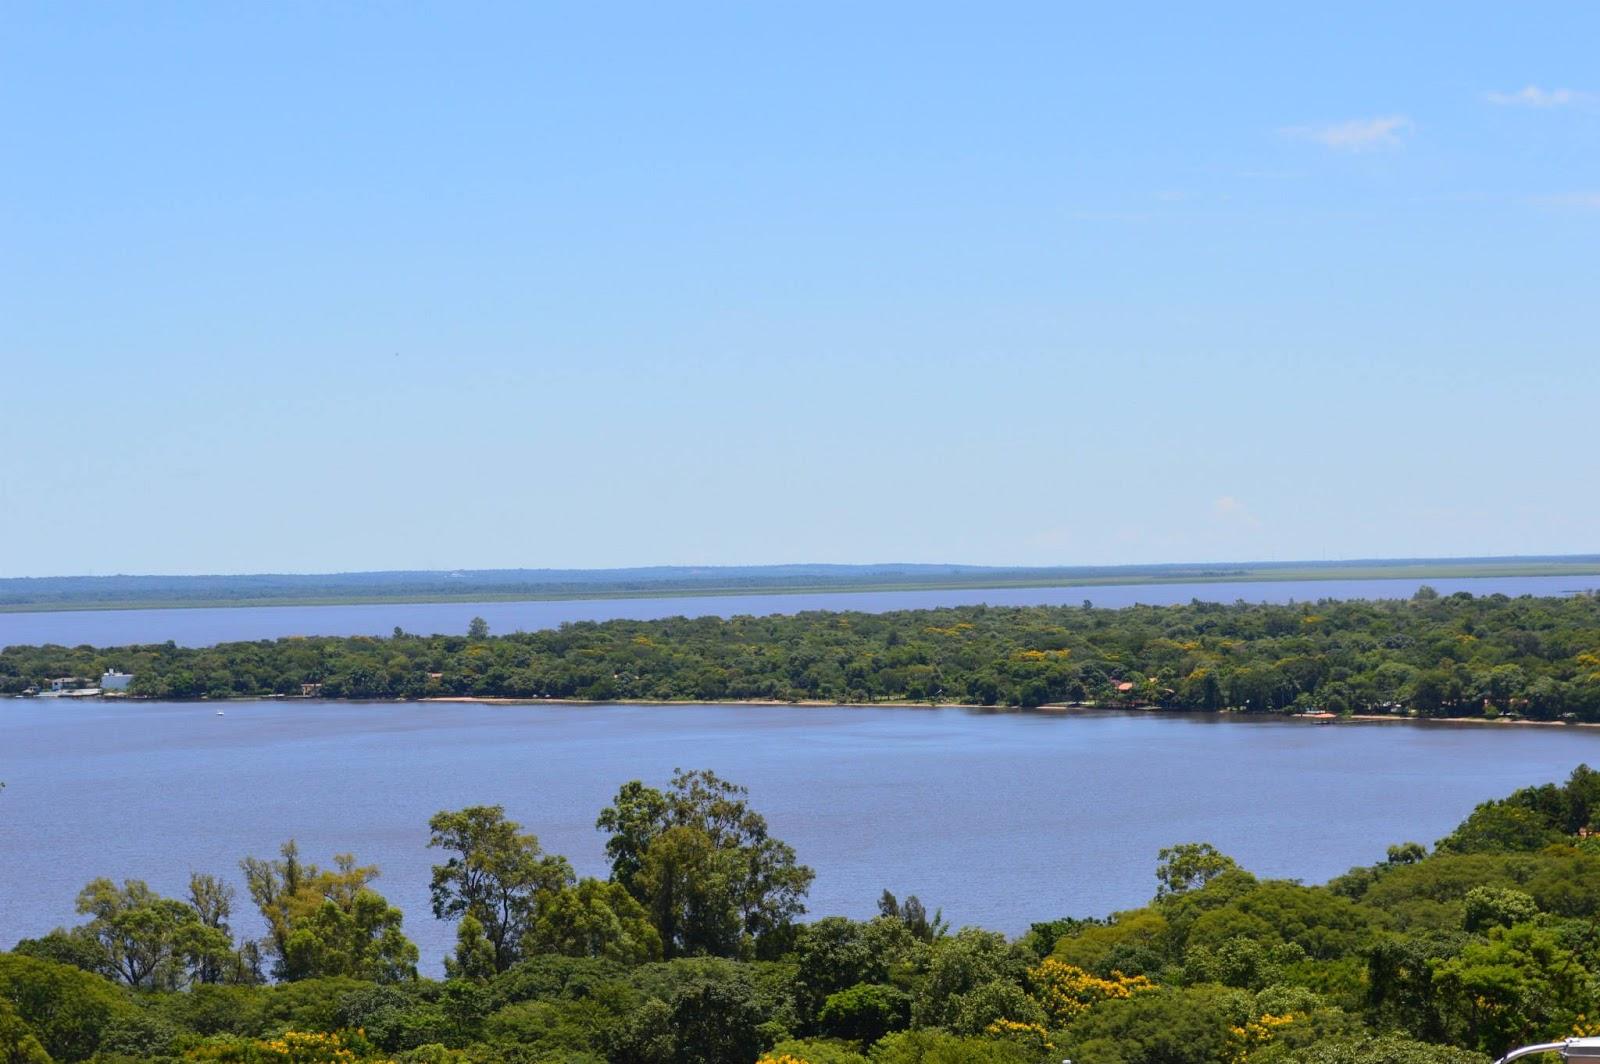 viajar sola paraguay